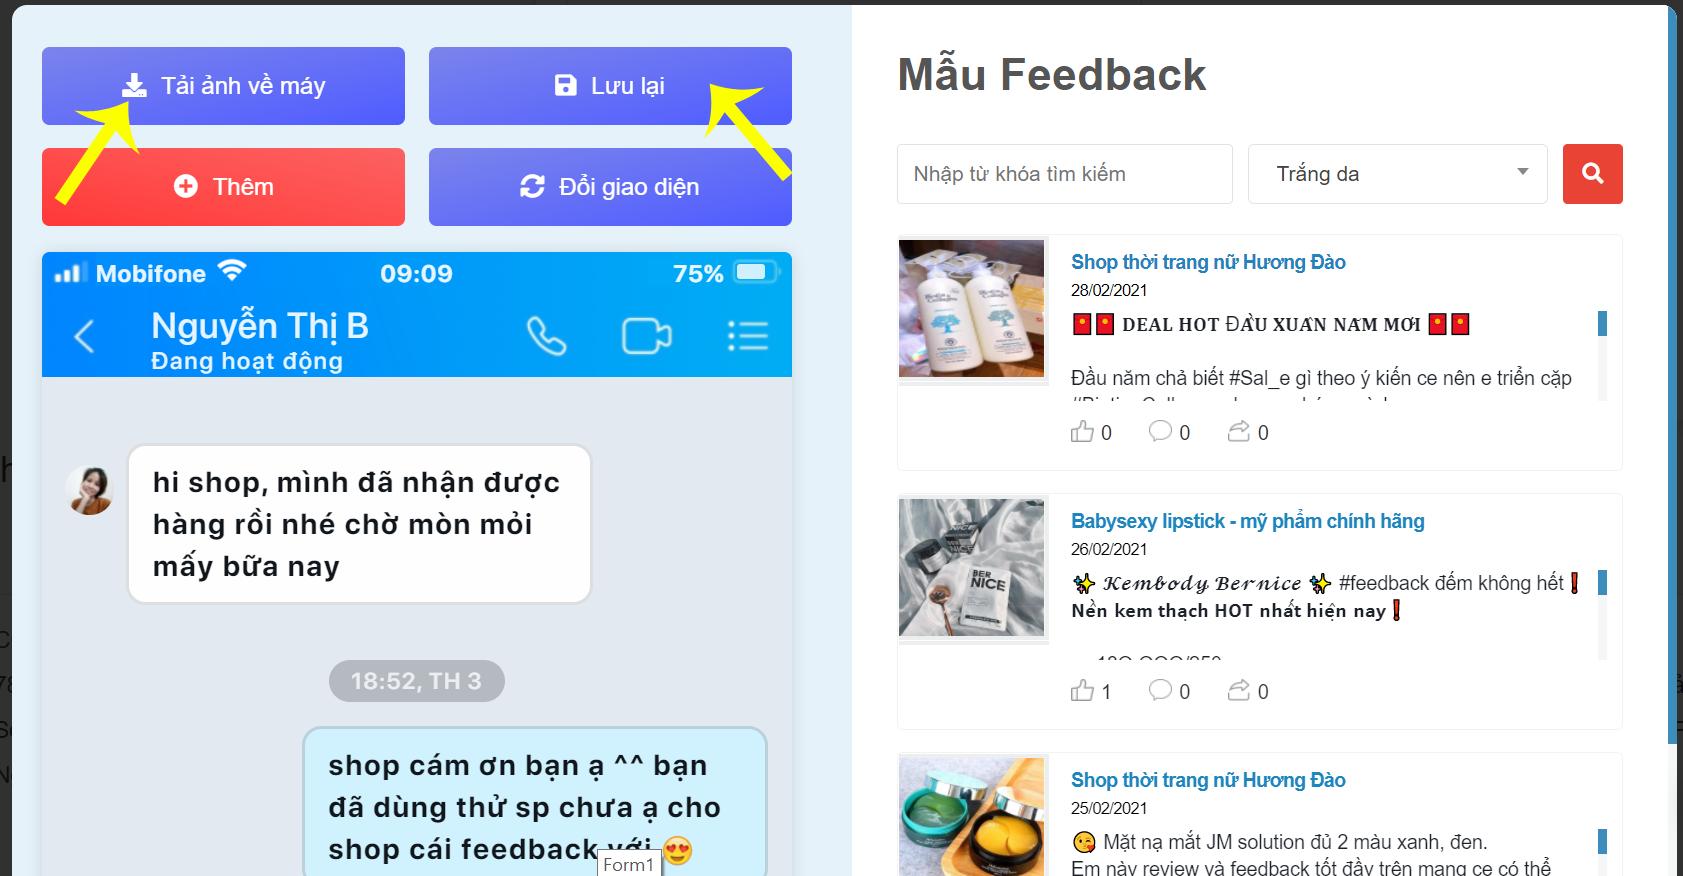 Lưu feedback đã tạo - Kingcontent.pro